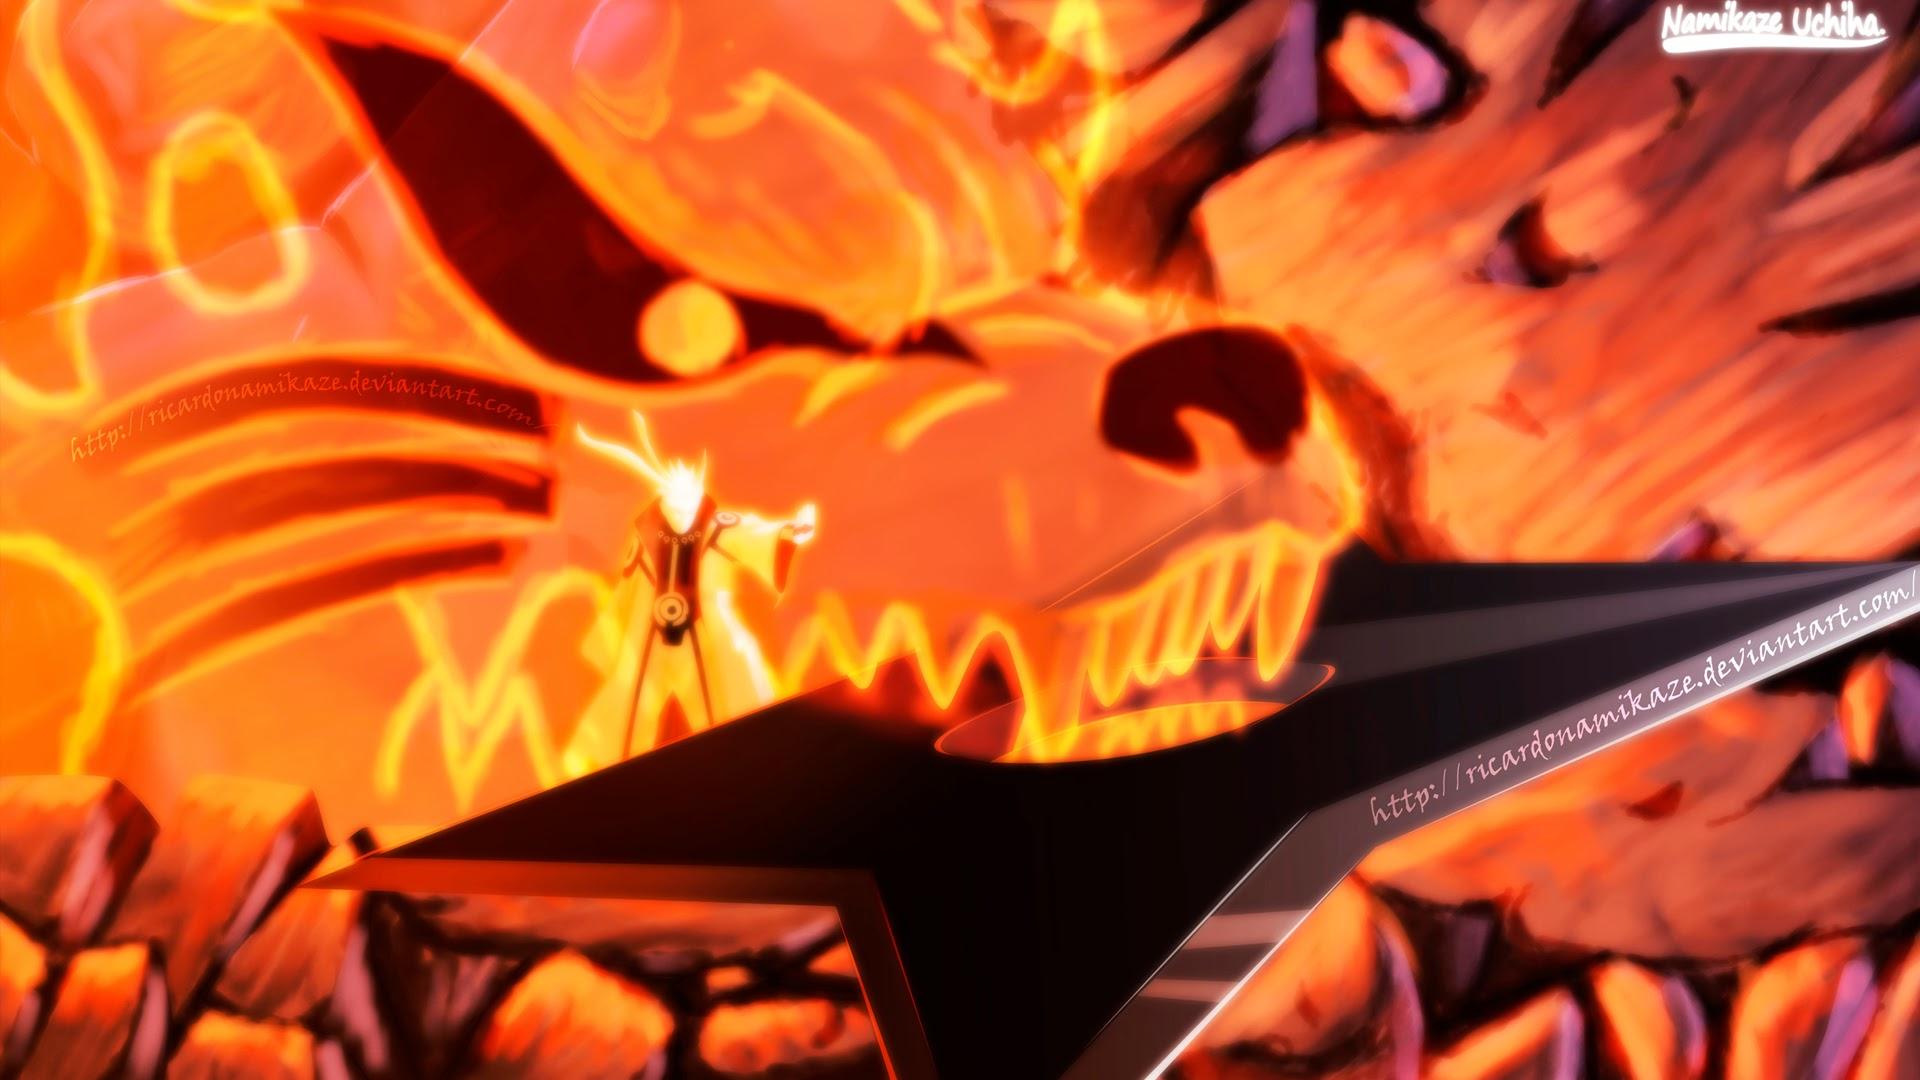 Naruto kyuubi sage mode 3b wallpaper hd naruto kyuubi sage mode hd anime wallpaper 1920x1080 voltagebd Gallery